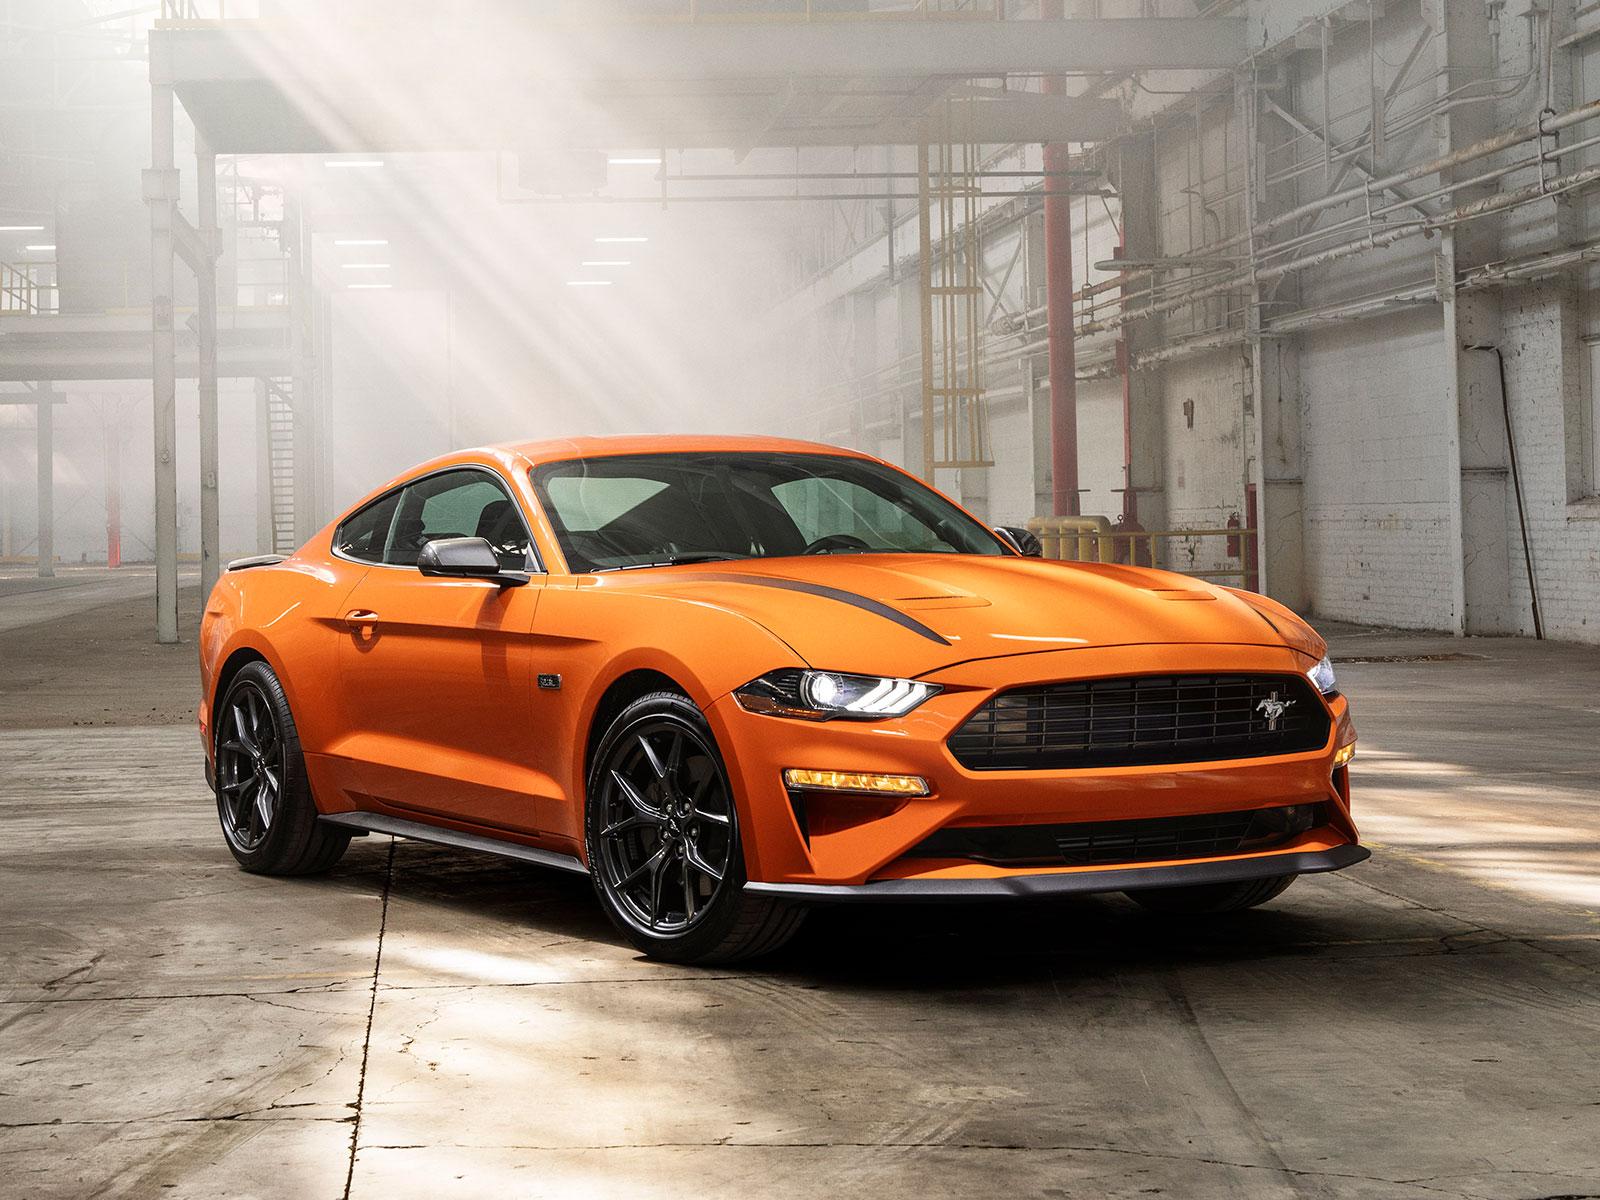 2020 Mustang Photos